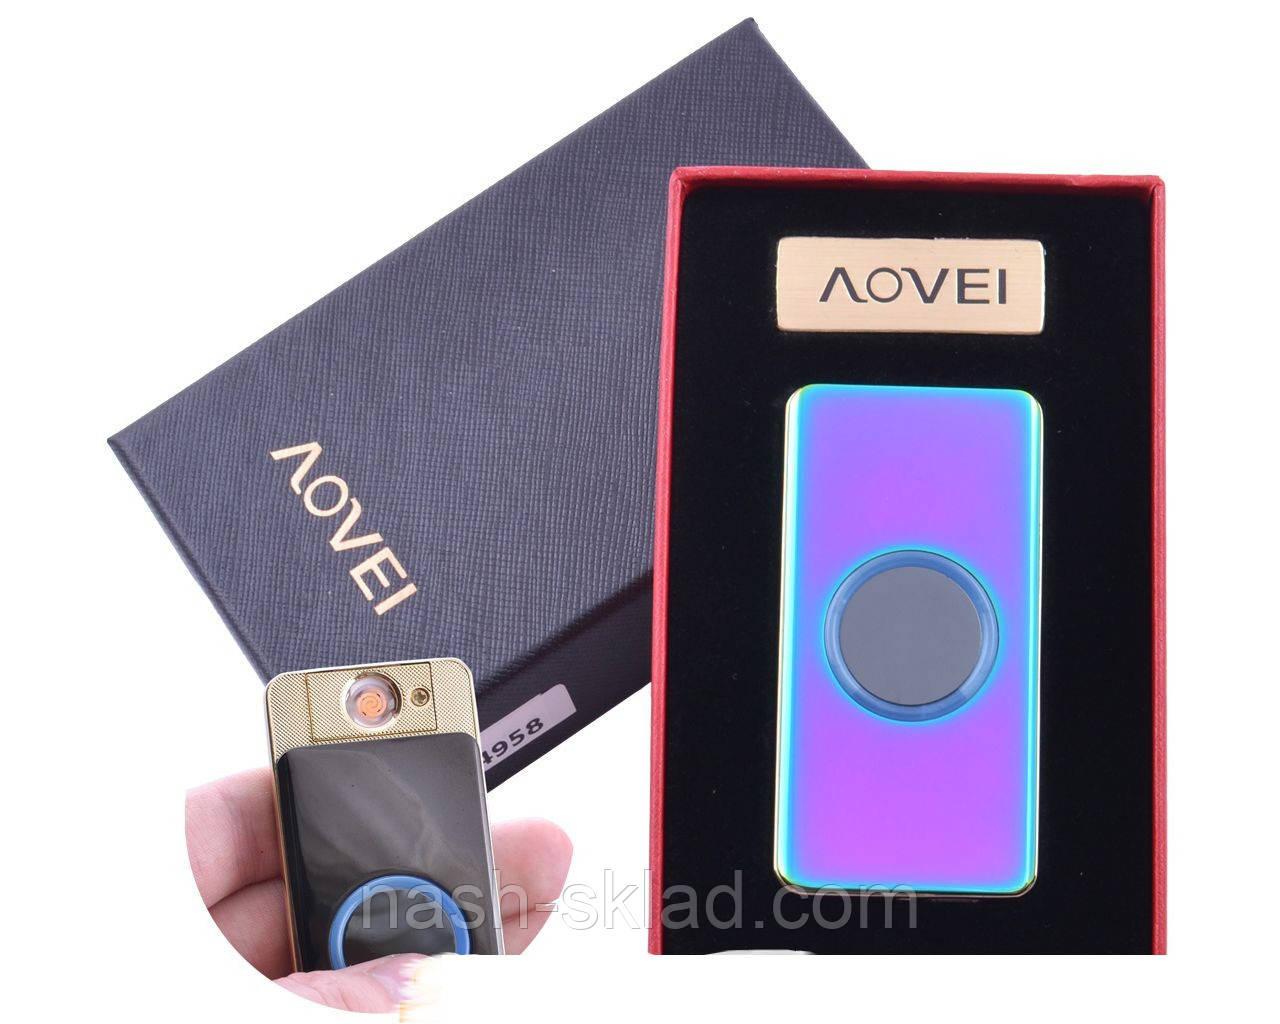 """USB зажигалка в подарочной упаковке """"/\OVEI"""" (Cпираль накаливания)"""